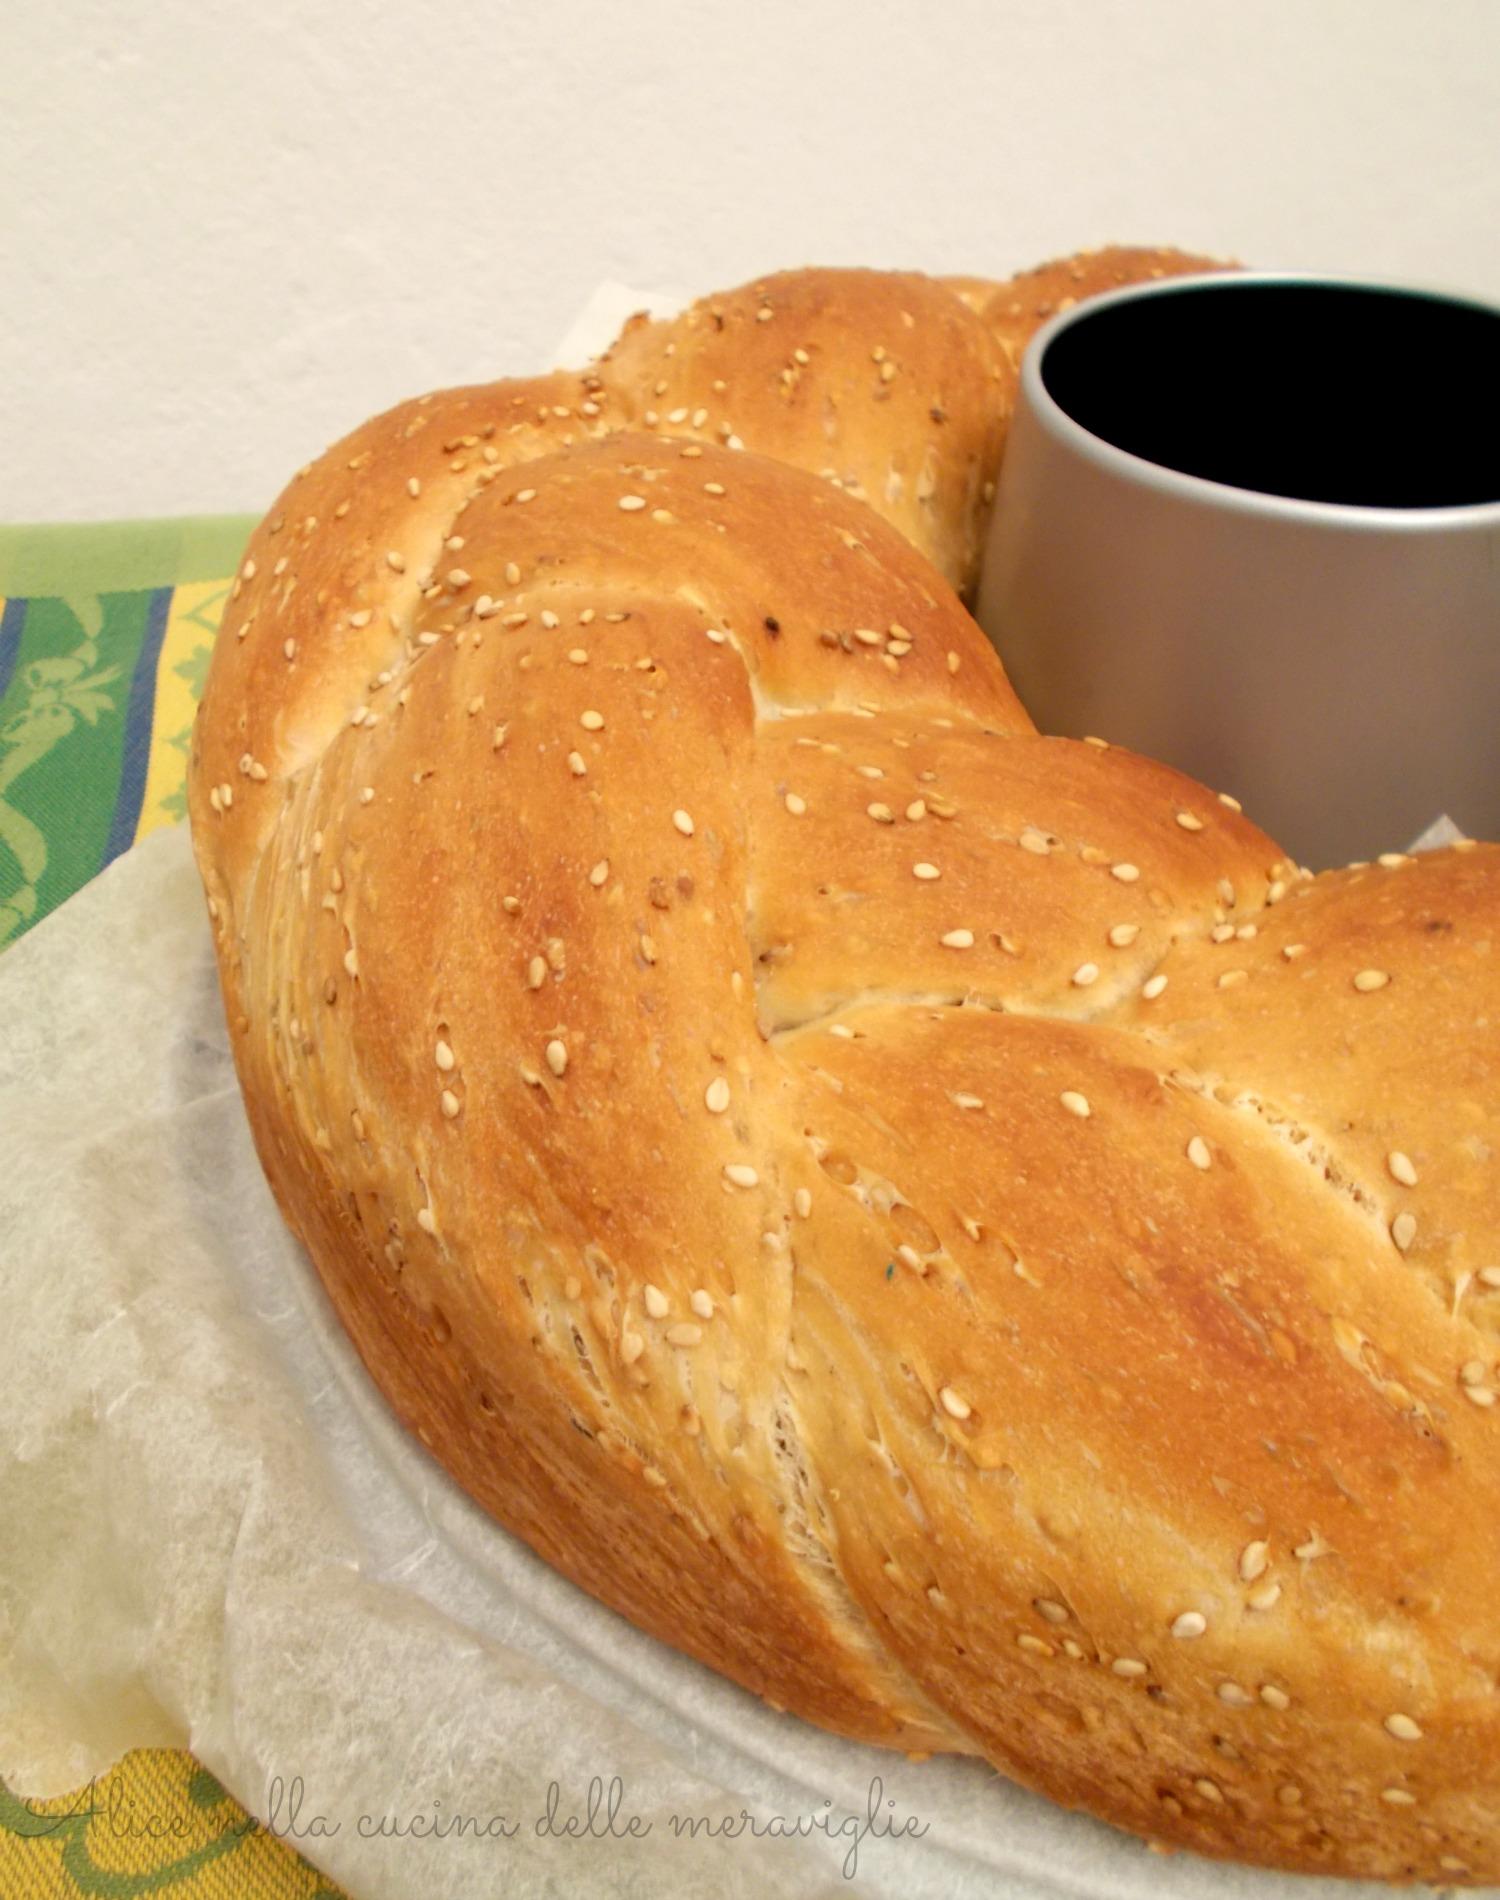 Treccia di pane al sesamo Ricetta vegetariana Alice nella cucina delle meraviglie